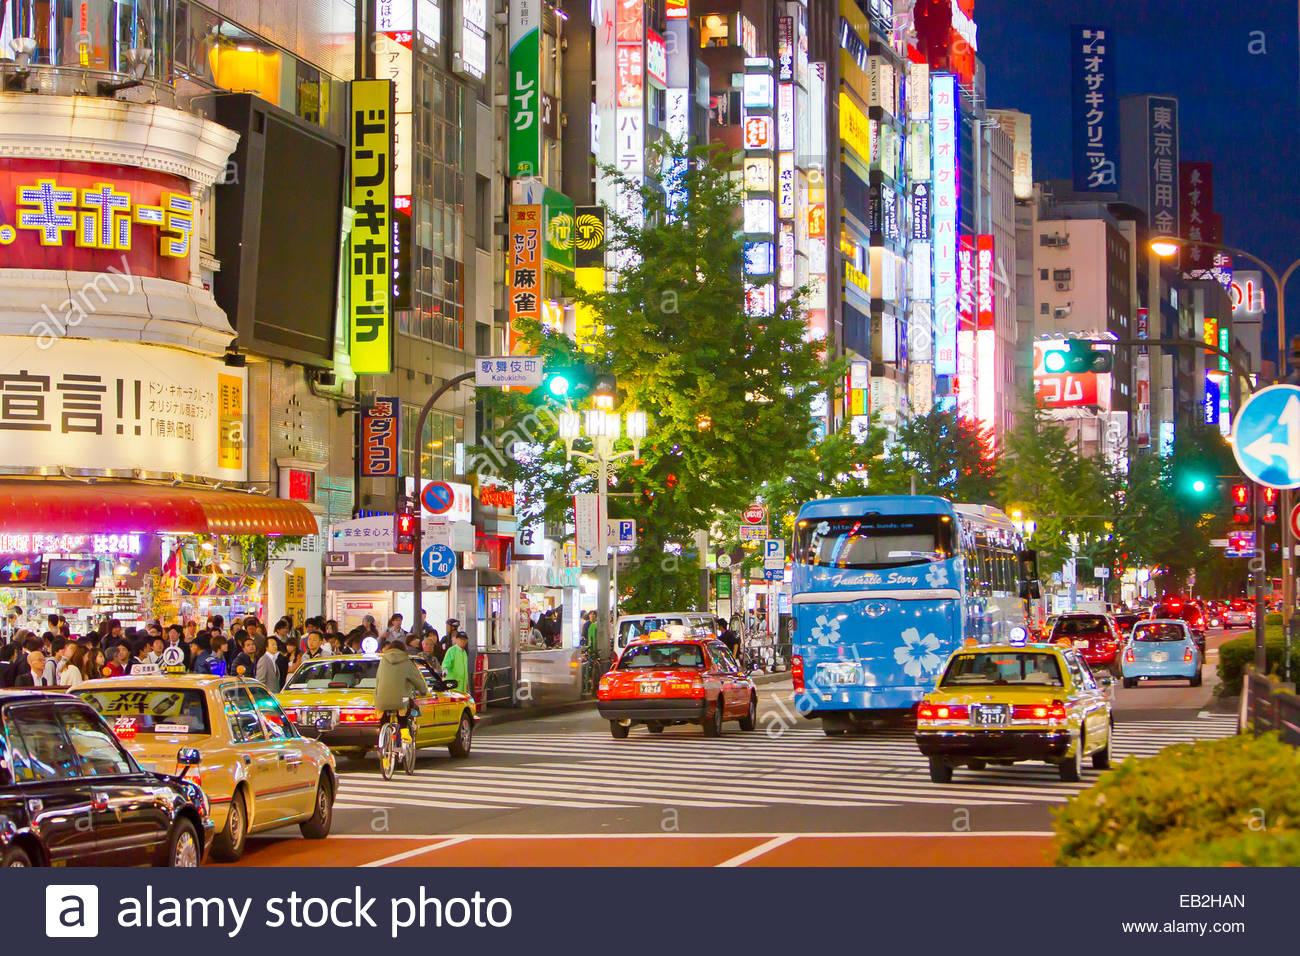 Bunte Zeichen und Verkehr im Stadtteil Shinjuku nachts. Stockbild